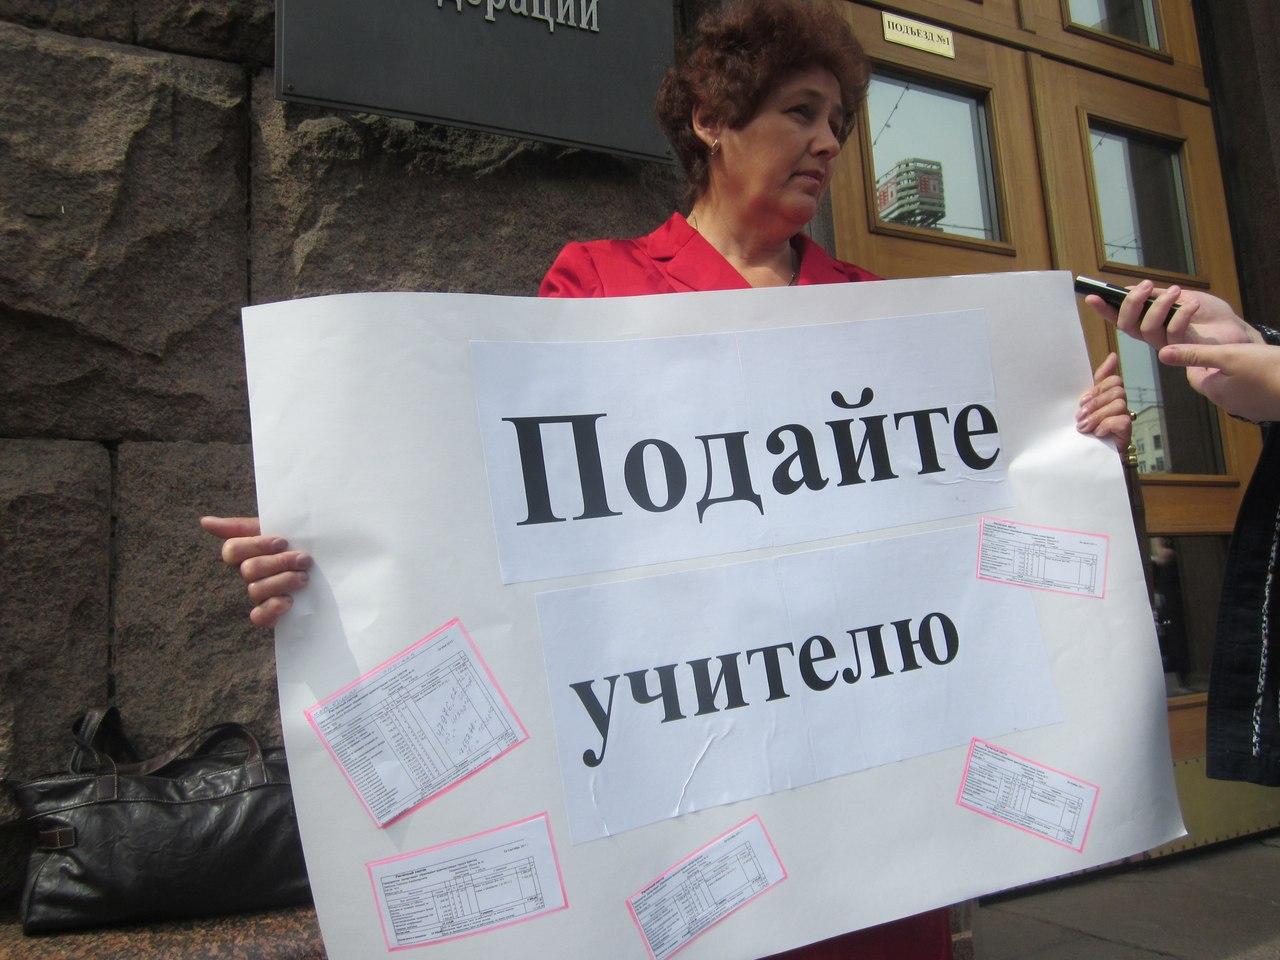 Столичным учителям не хватает денег - Киевсовет